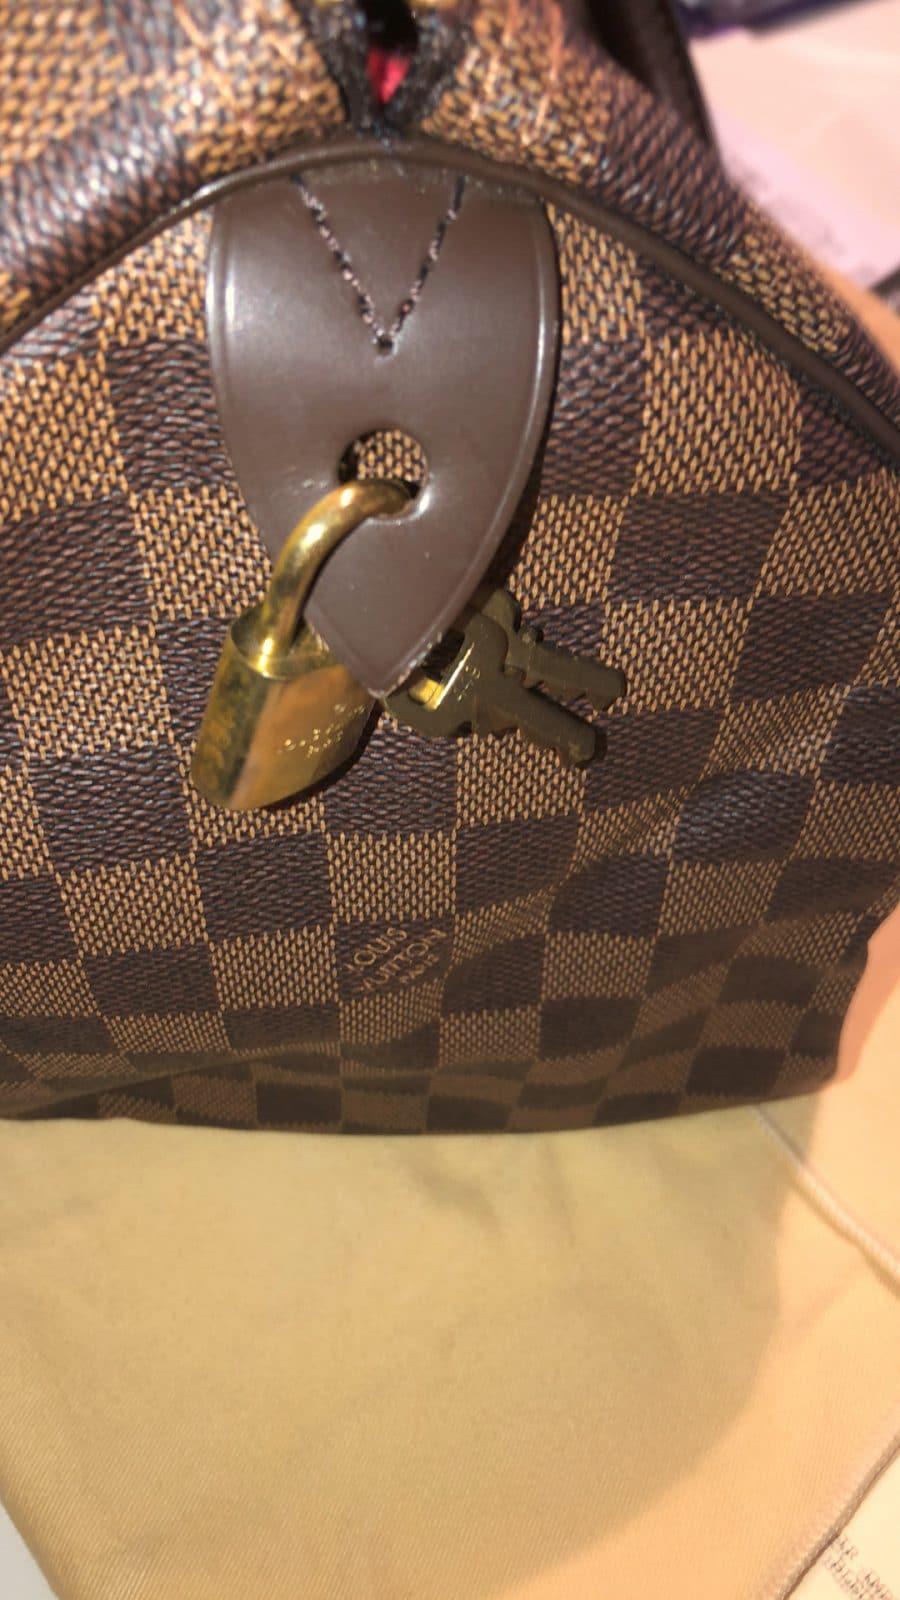 Sac Louis Vuitton Speedy 30 damier azur comme neuf. IconPrincess, icon princess